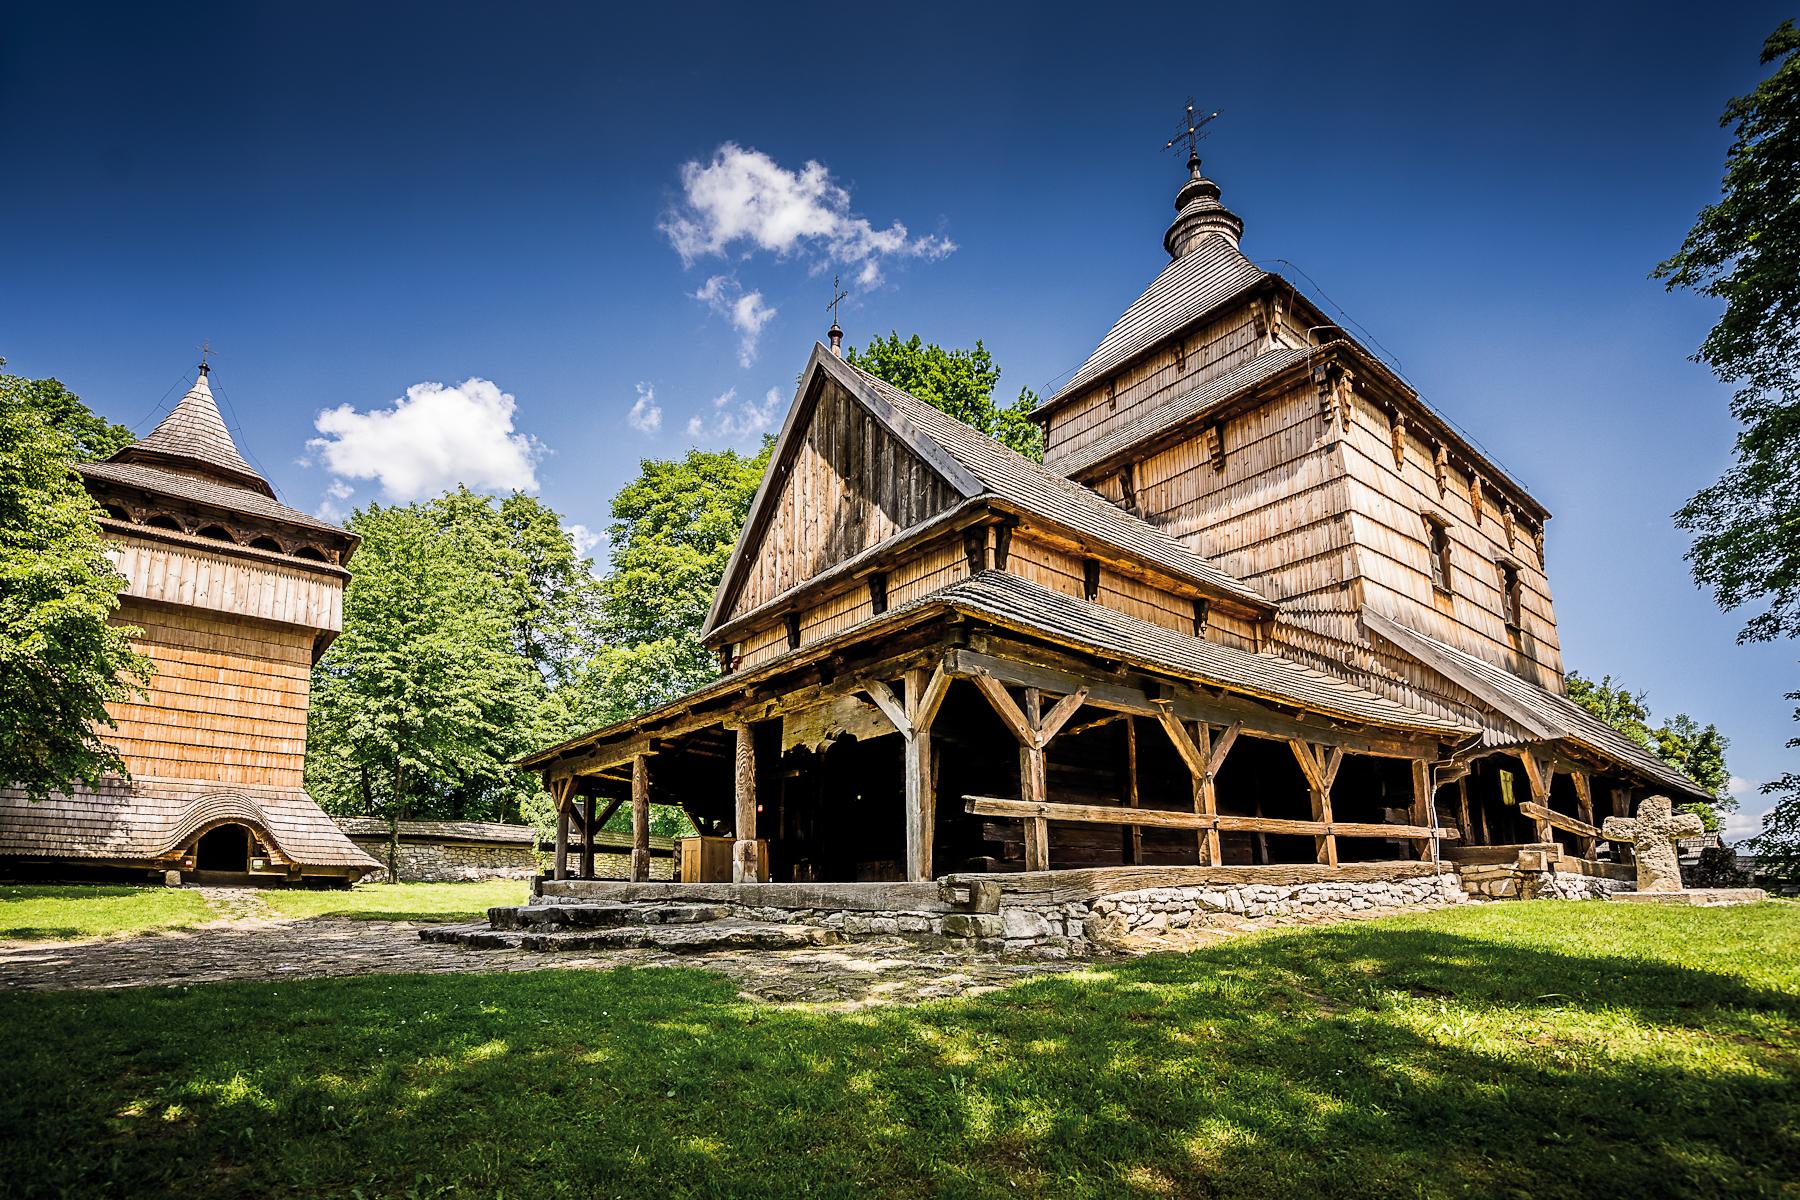 Cerkiew w Radrużu, fot. Michał Bosek